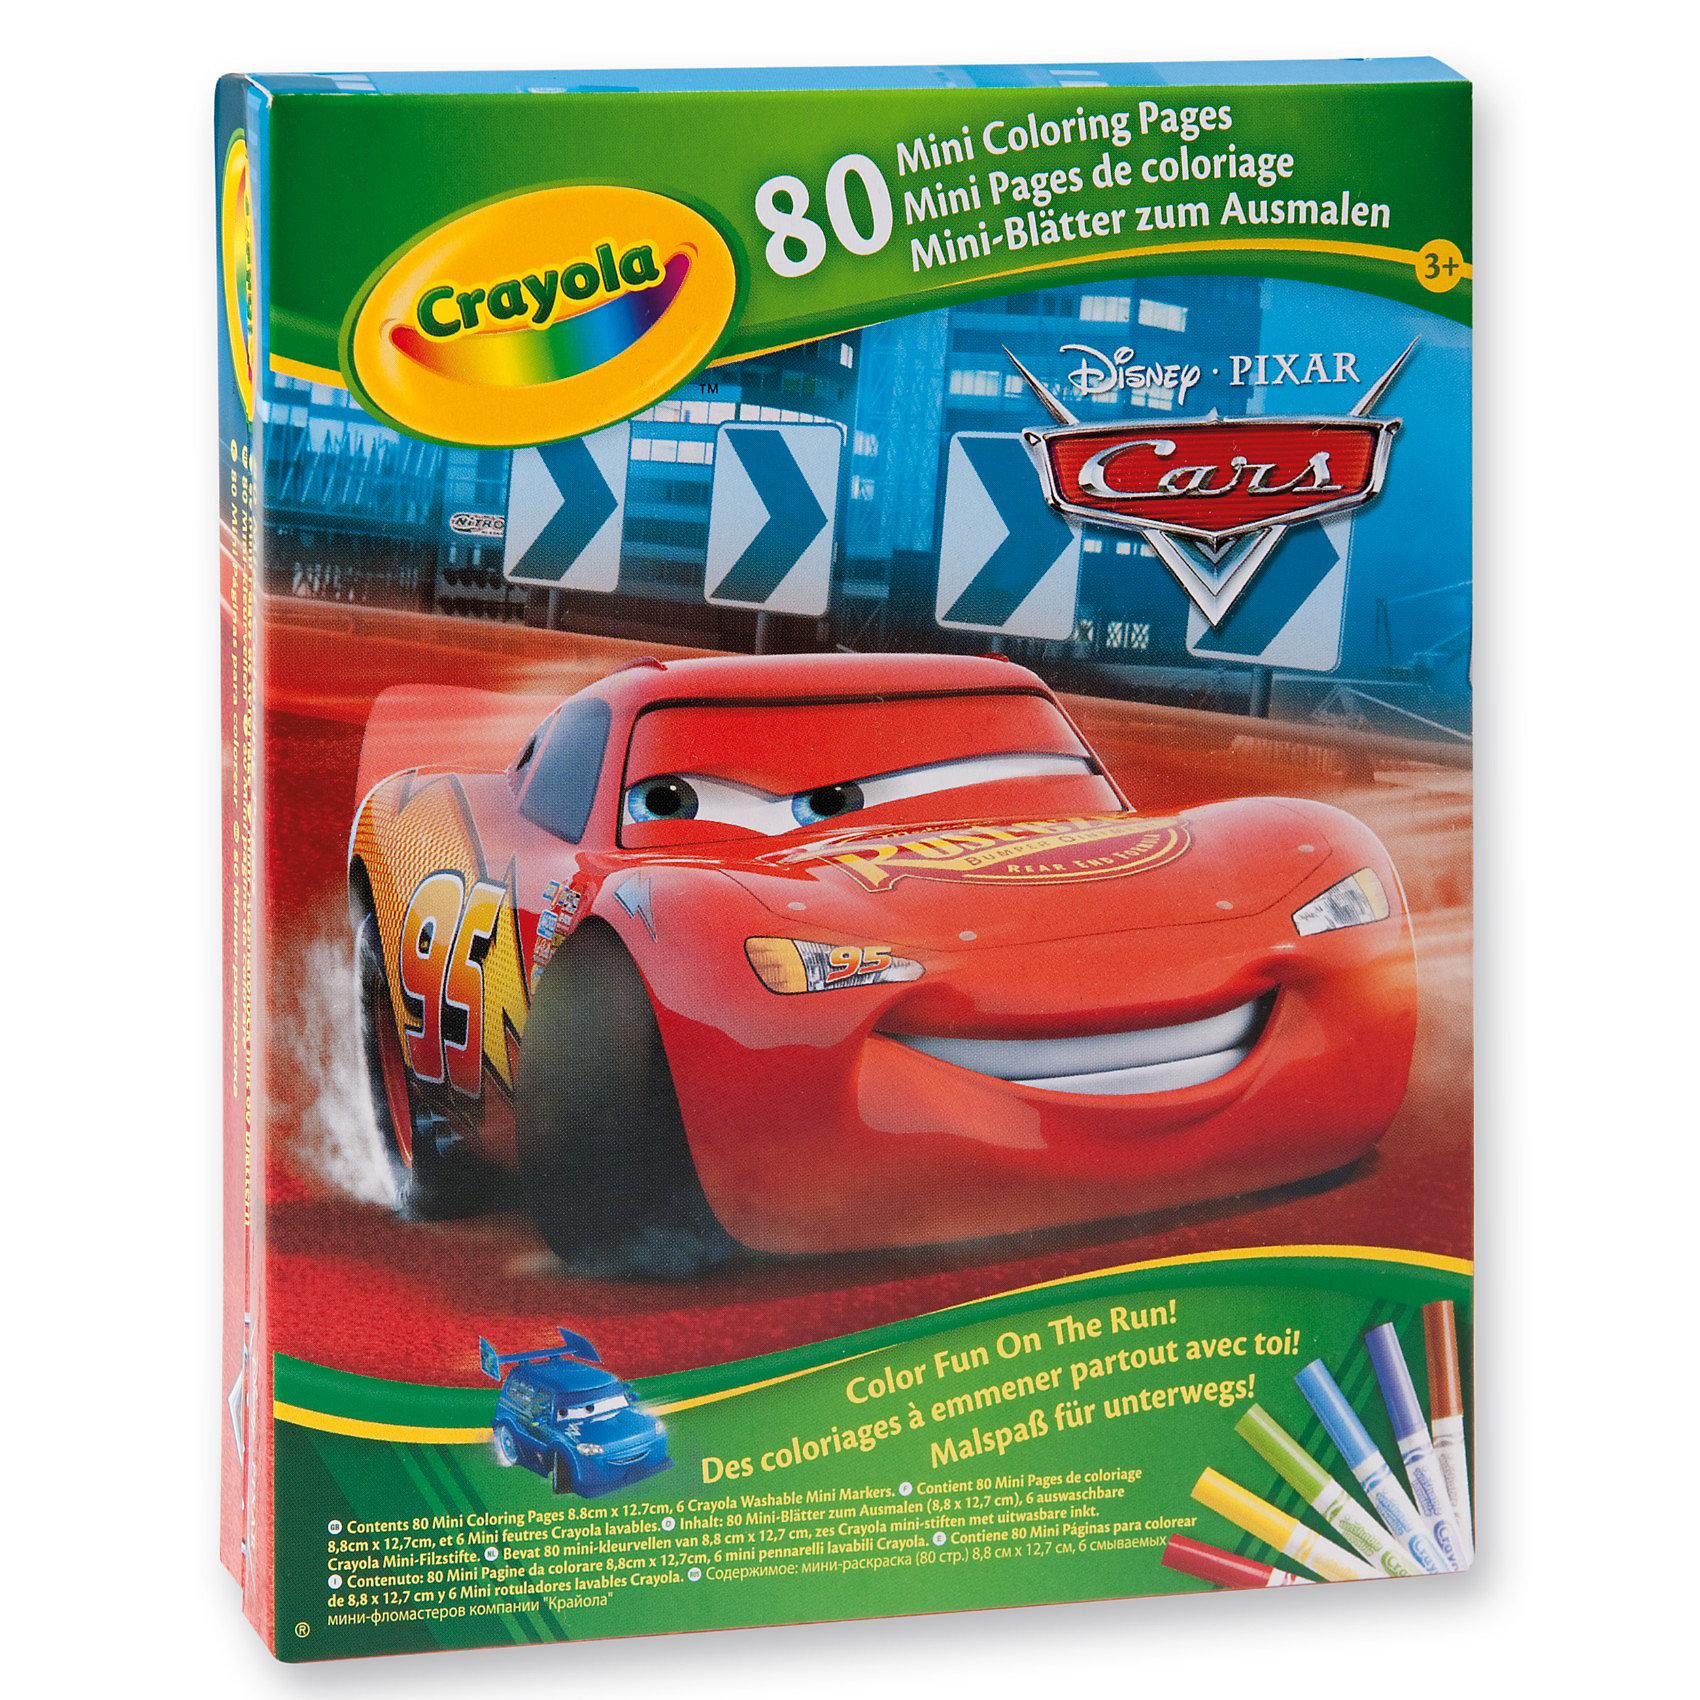 Crayola Мини-раскраска Тачки с фломастерамиРаскраски<br>Если ваш малыш с удовольствием занимается раскрашиванием картинок, мы можем предложить Вашему вниманию мини-раскраску «Тачки». <br>Благодаря небольшому формату и наличию твердой обложки ее удобно носить с собой повсюду. Ведь, для того, чтобы заняться рисованием с помощью мини-раскраски Crayola совершенно не обязательно  сидеть за столом, твердая обложка раскраска прекрасно его заменяет. К тому же  к ней прилагаются замечательные яркие фломастеры, которые так нравятся детям. <br>Мамы могут не опасаться, что их красочные цвета безнадежно испортят одежду малыша или обивку мебели, ведь фломастеры легко смываются с помощью теплой воды и мыла.<br><br>Компания Crayola прекрасно известна родителям малышей по всему миру. Продукция этой английской компания, поставляемая в 80 стран мира, пользуется заслуженным доверием своих потребителей. Ее отличительными чертами является высокое качество, удобство и абсолютная безопасность. Сегодня ассортимент продукции компании можно условно разделить на три основные группы: детская канцелярия серии Crayola Mini Kids, различные материалы для детского творчества серии Crayola, и специальные наборы для детского творчества, предназначенные для девочек в возрасте 8-12 лет серии Crayola Creations.<br><br>Ширина мм: 163<br>Глубина мм: 129<br>Высота мм: 27<br>Вес г: 142<br>Возраст от месяцев: 60<br>Возраст до месяцев: 96<br>Пол: Мужской<br>Возраст: Детский<br>SKU: 2127064